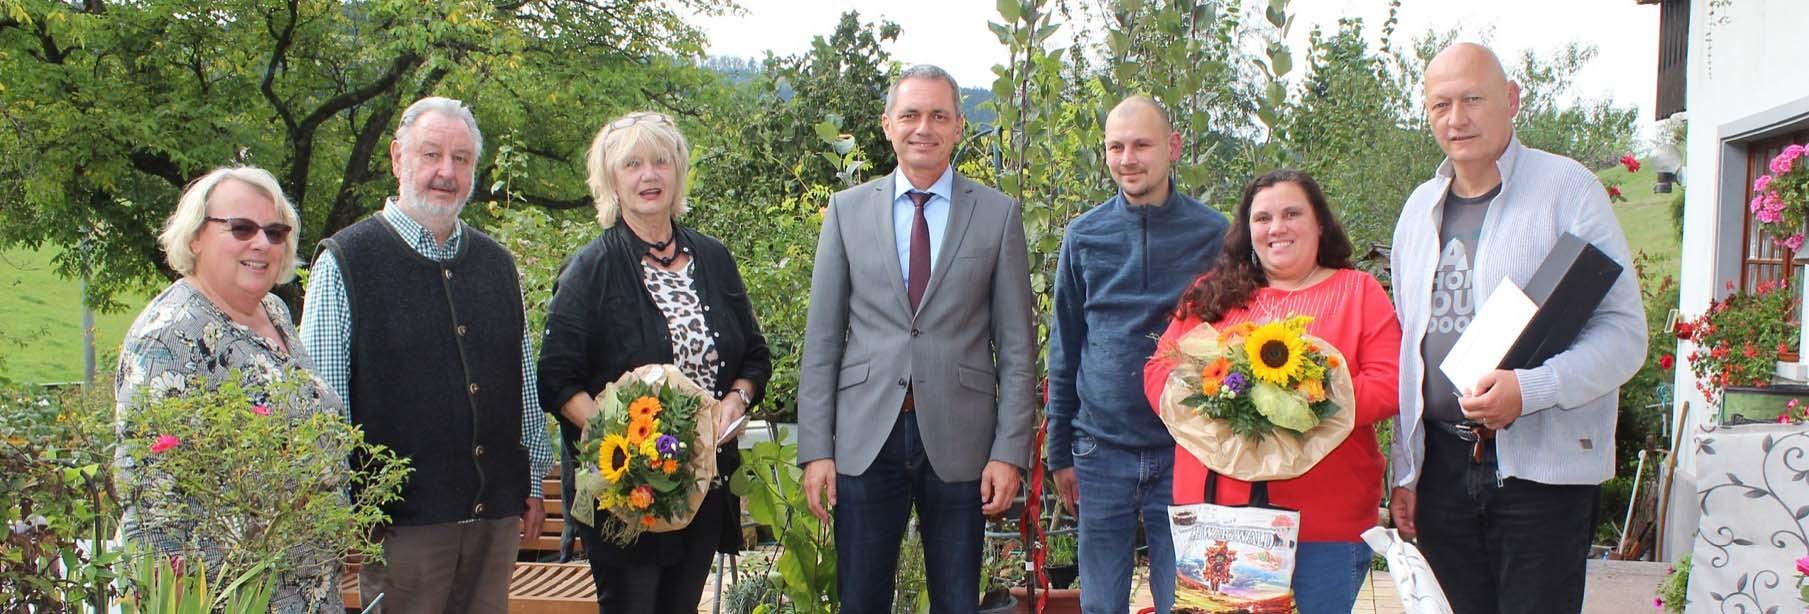 2020-10-7-ZE-OE-Tourist-Info-Gästeehrungen Unterer Gurethshof-mit Bessy